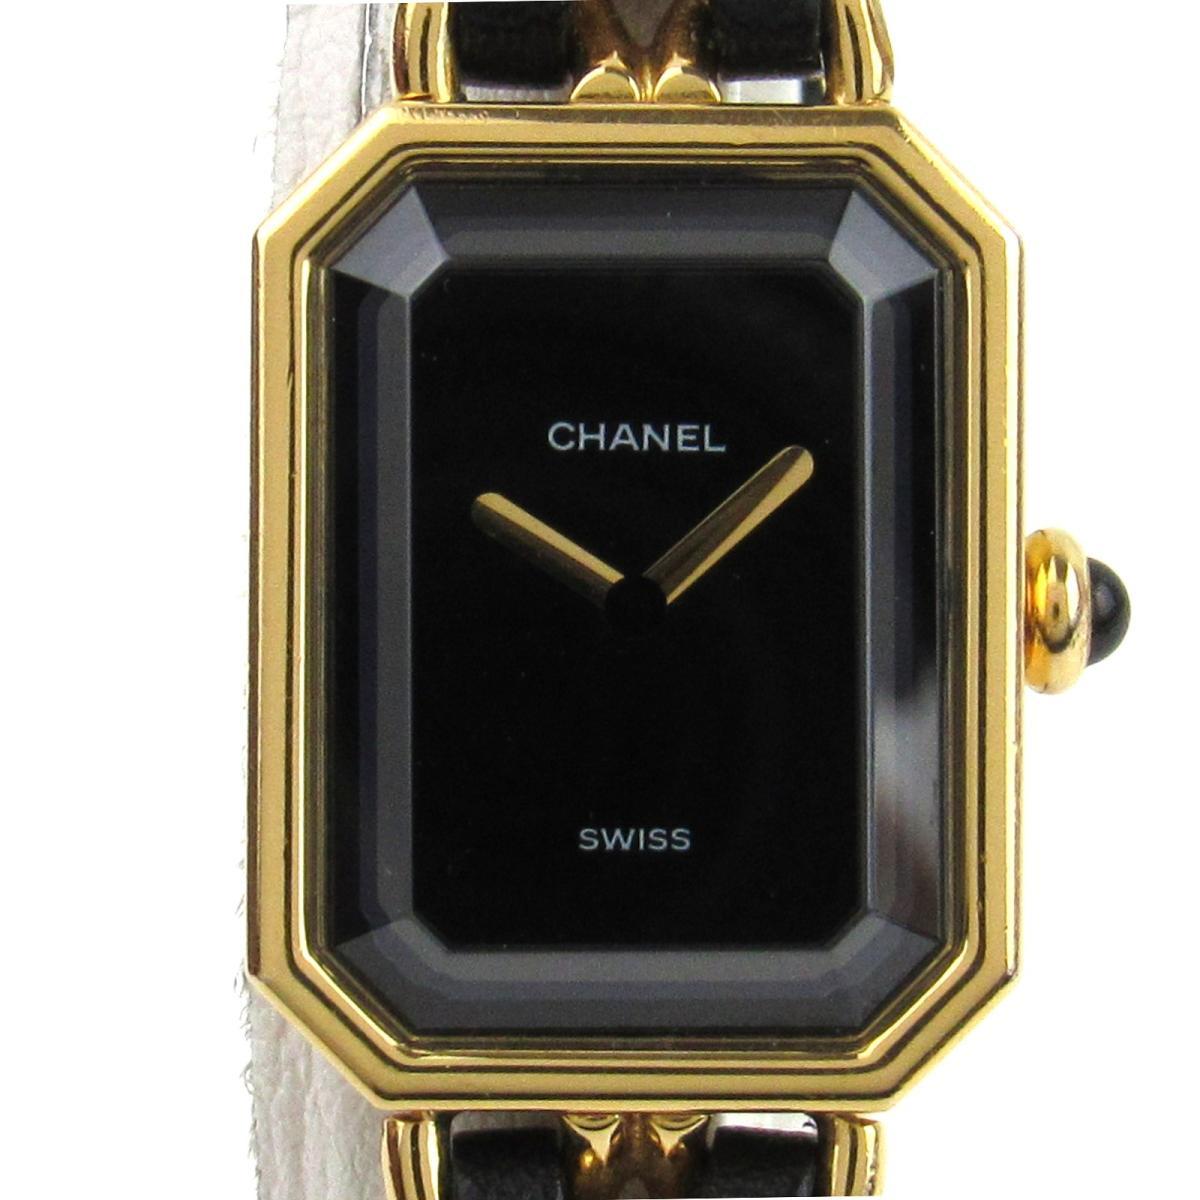 【中古】 シャネル プルミエールL ウォッチ 腕時計 レディース レザーベルト x GP (ゴールドメッキ) (H0001) | CHANEL BRANDOFF ブランドオフ ブランド ブランド時計 ブランド腕時計 時計